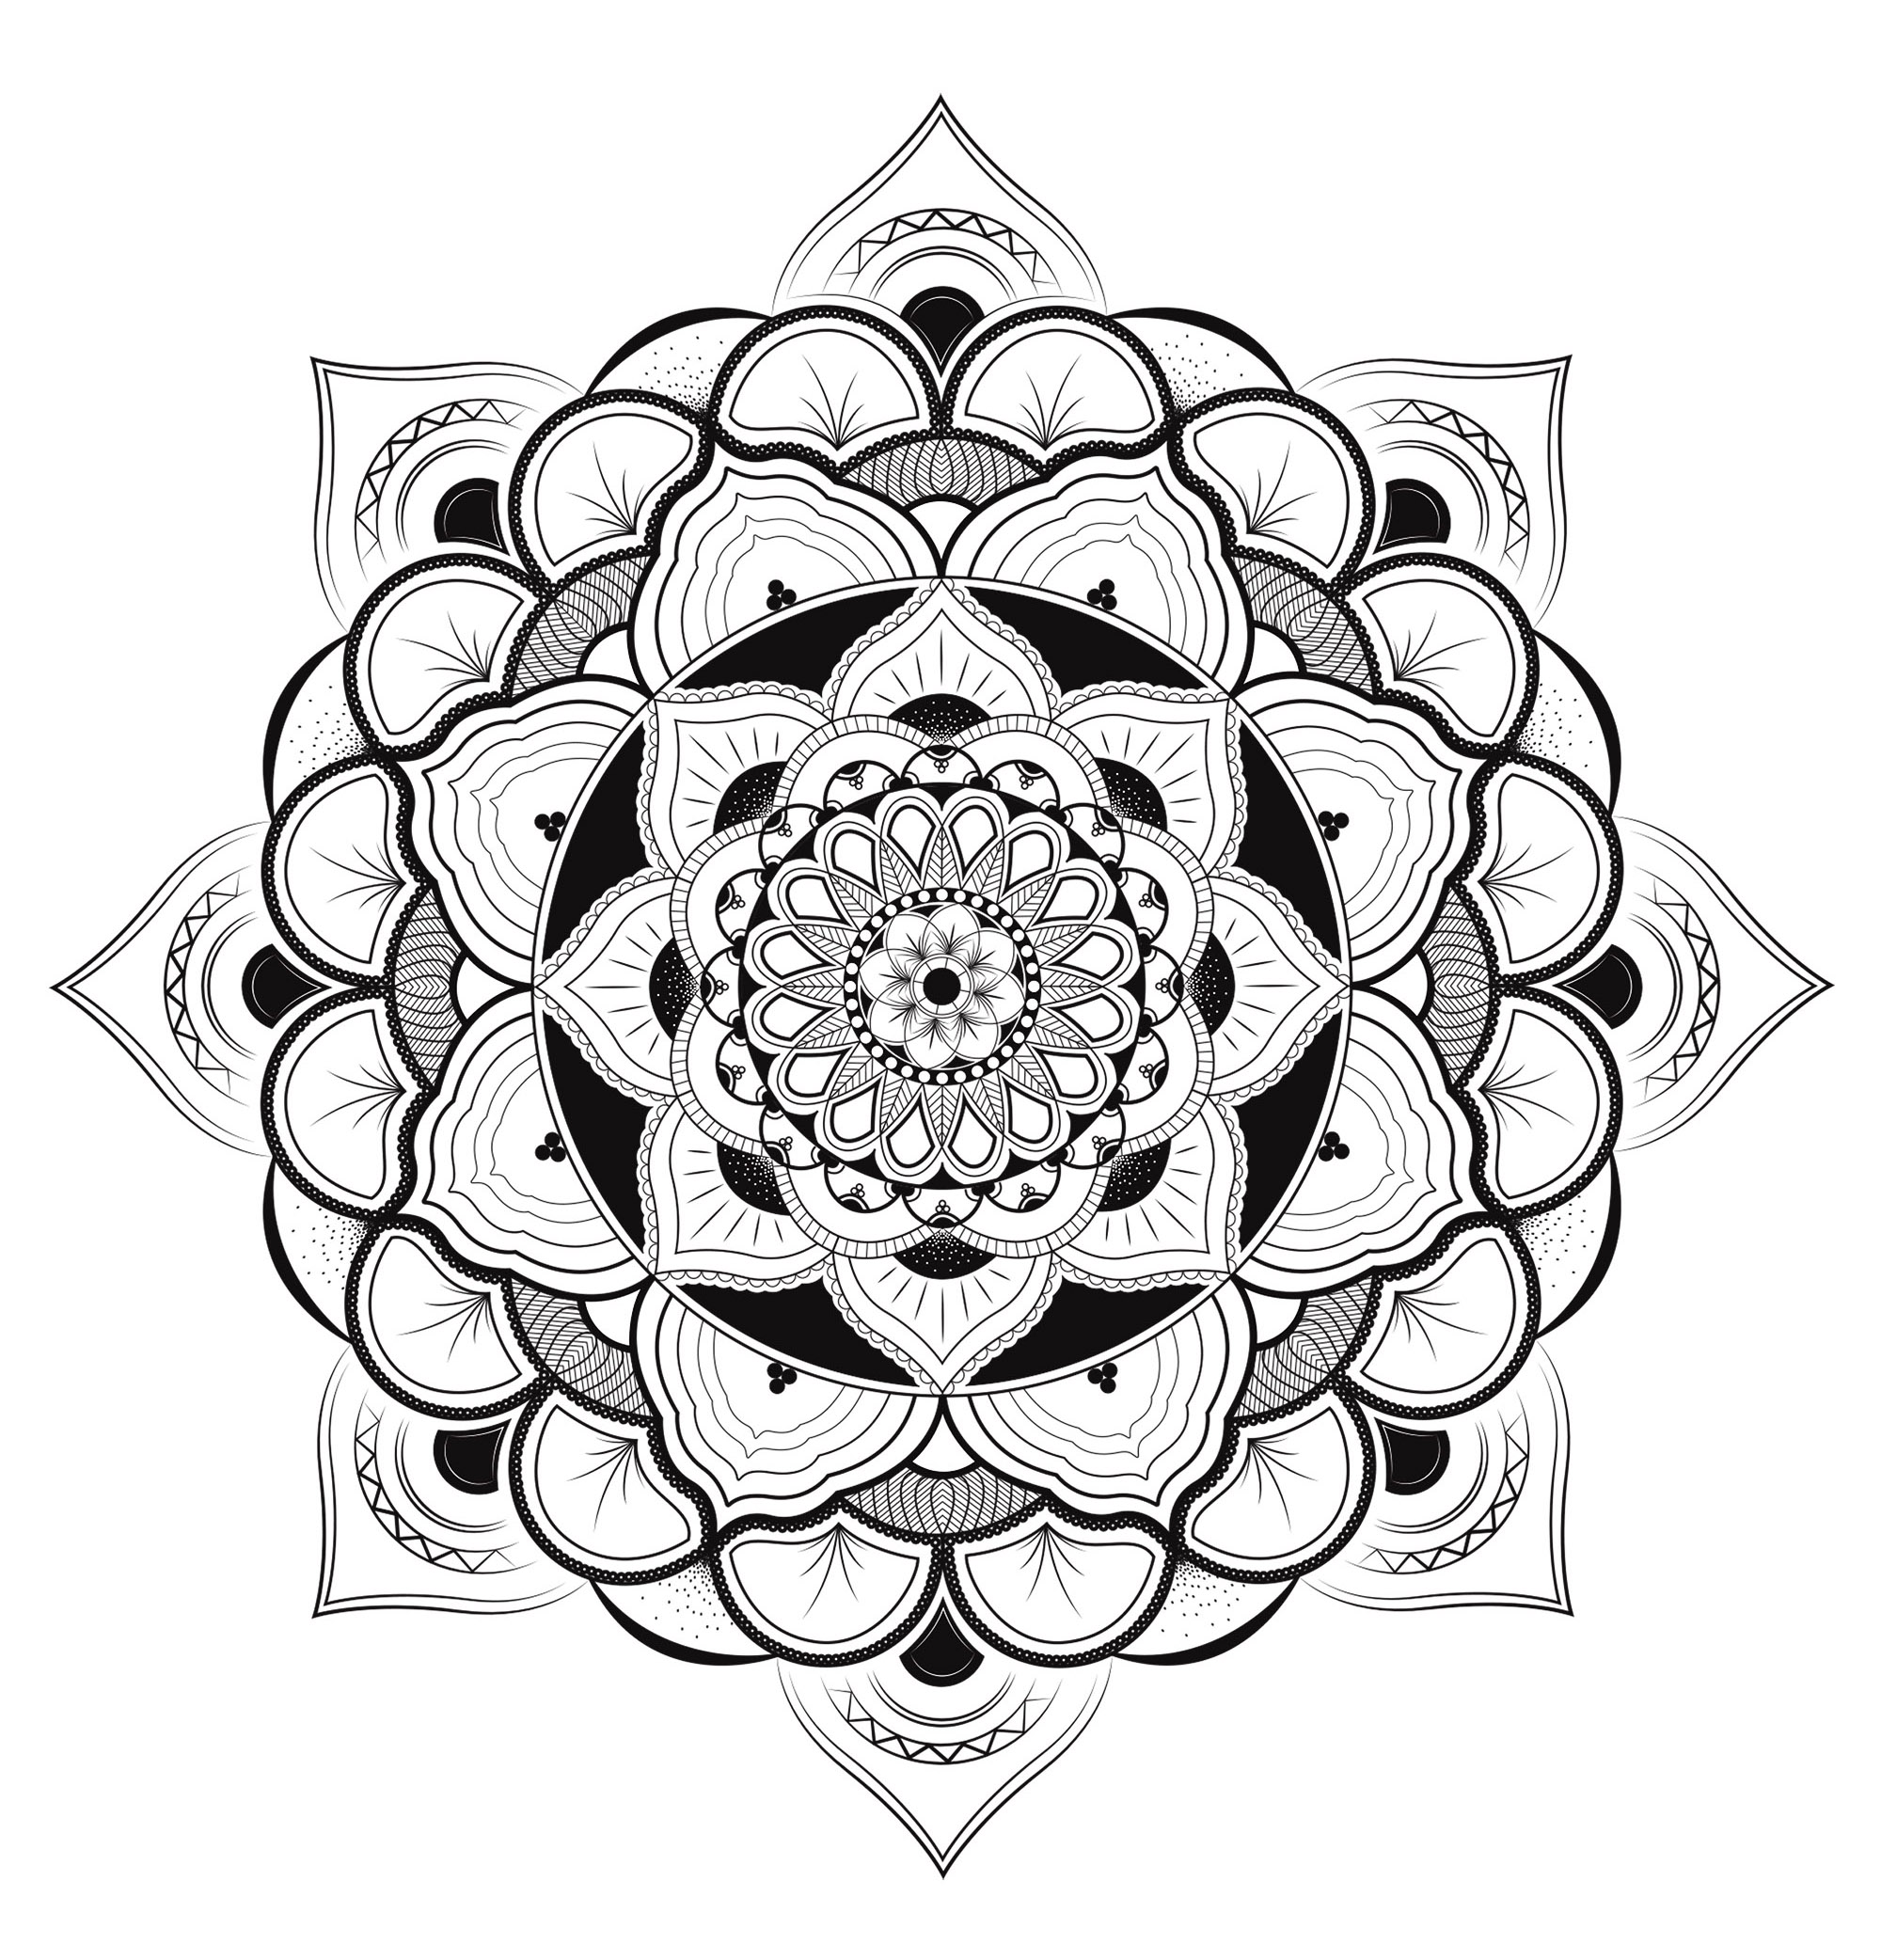 Mandala Exclusif Harmonieux Mandalas Tres Difficiles Pour Adultes